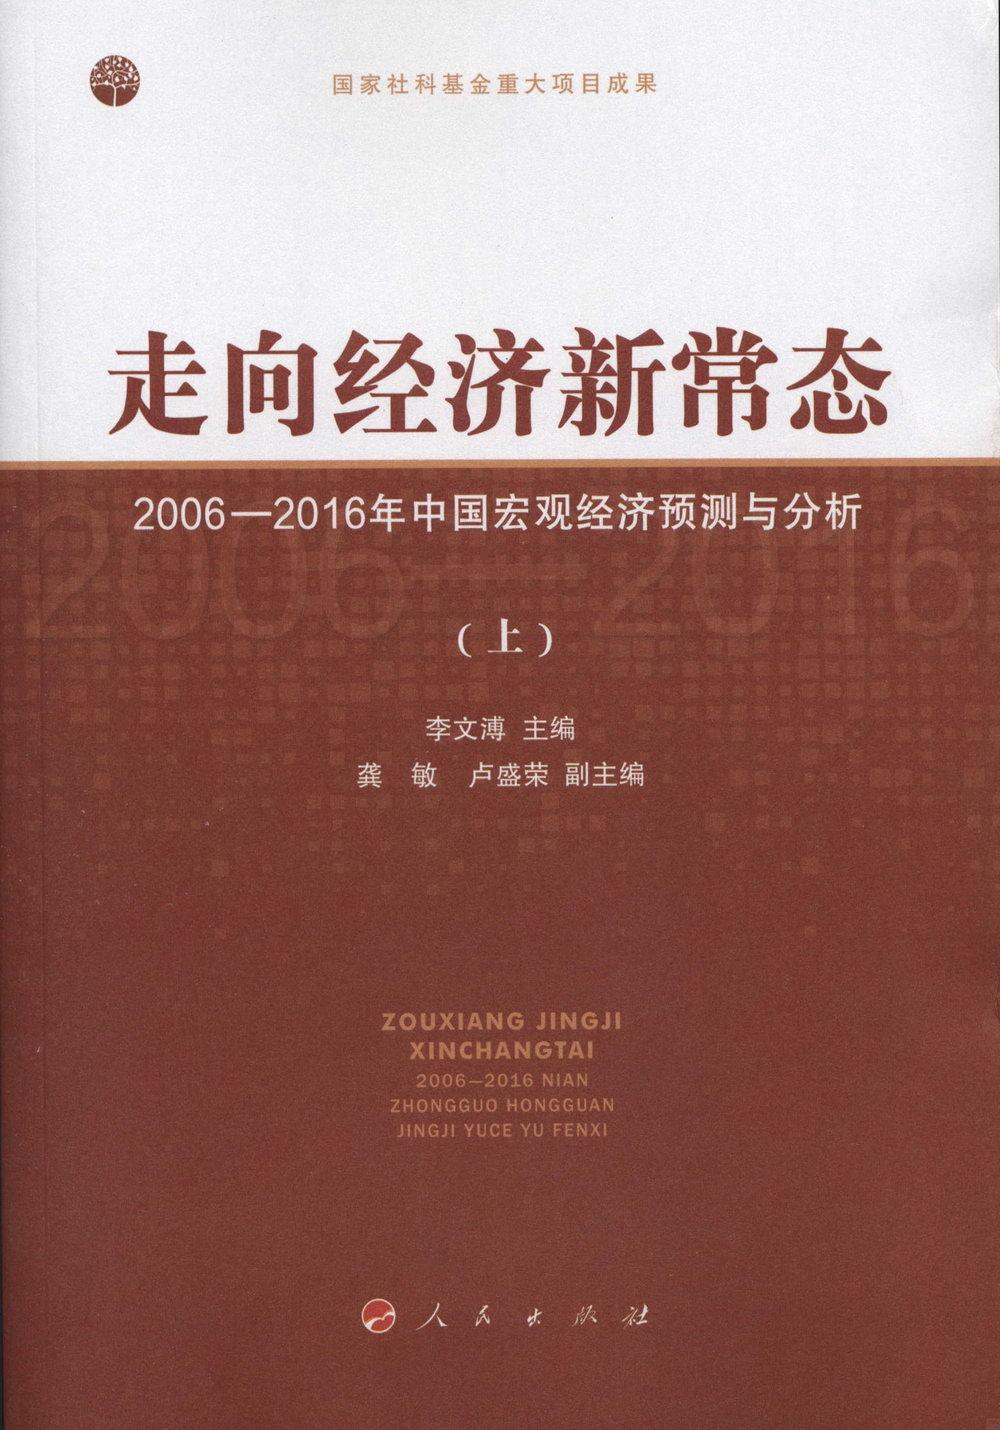 走向經濟新常態:2006-2016年中國宏觀經濟預測與分析(上下)